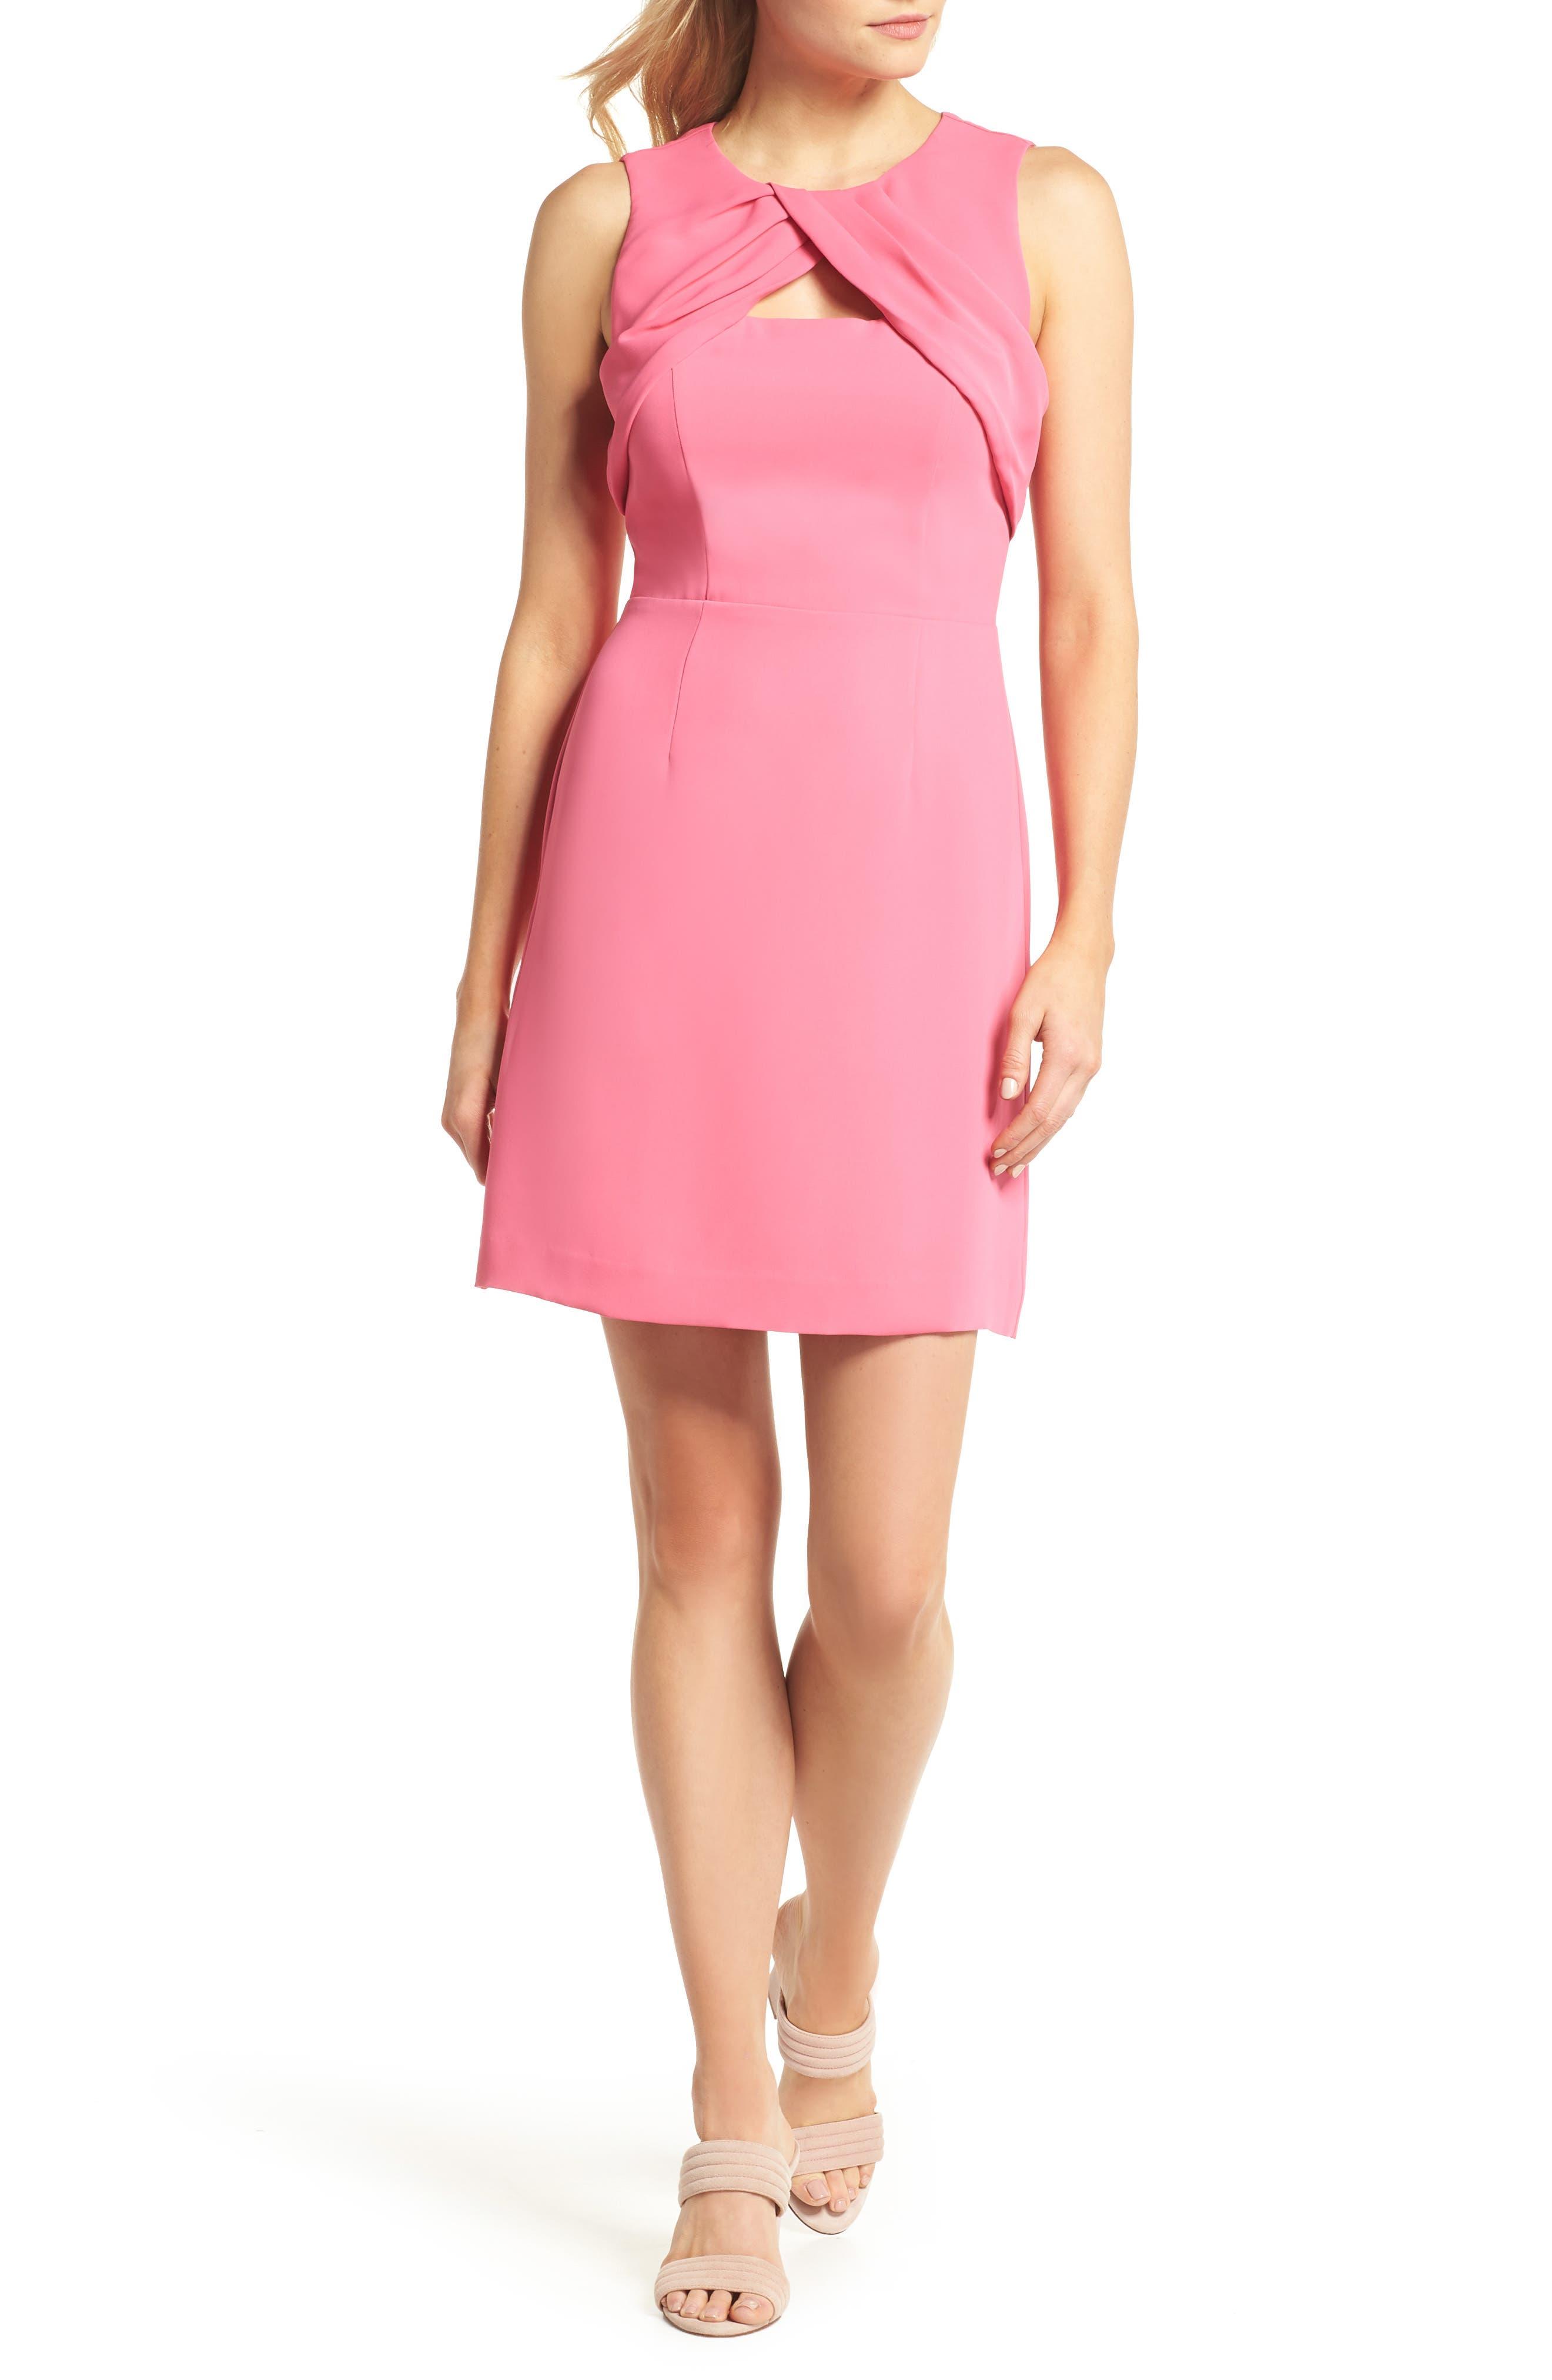 Nera Sheath Dress,                             Main thumbnail 1, color,                             Peony